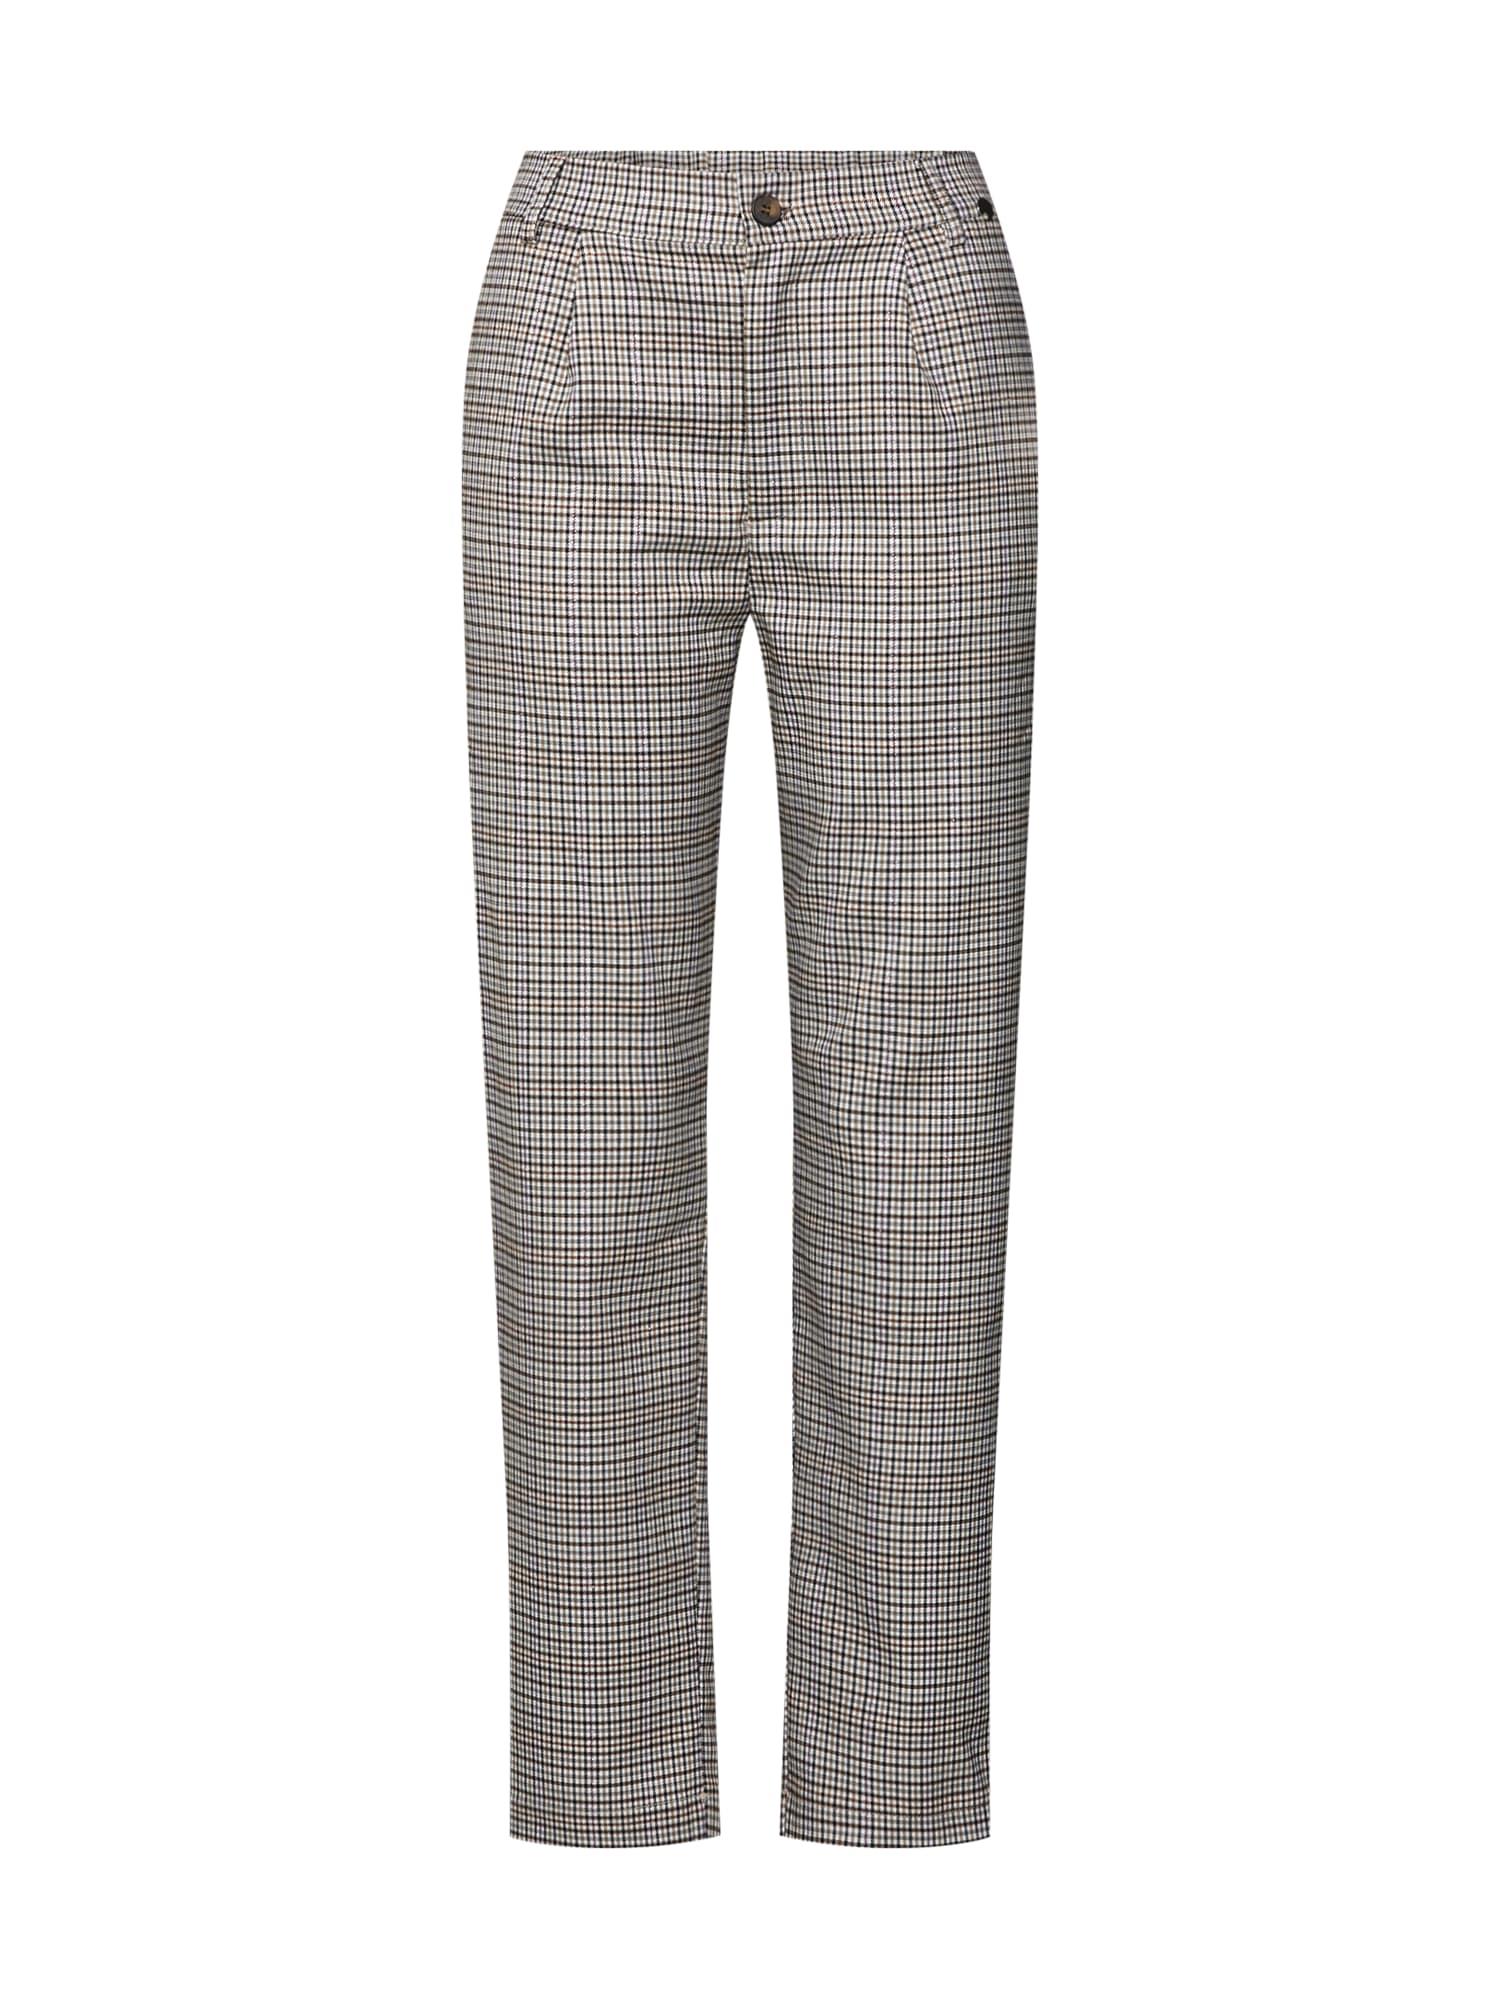 Kalhoty se sklady v pase LG007100 béžová Liebesglück